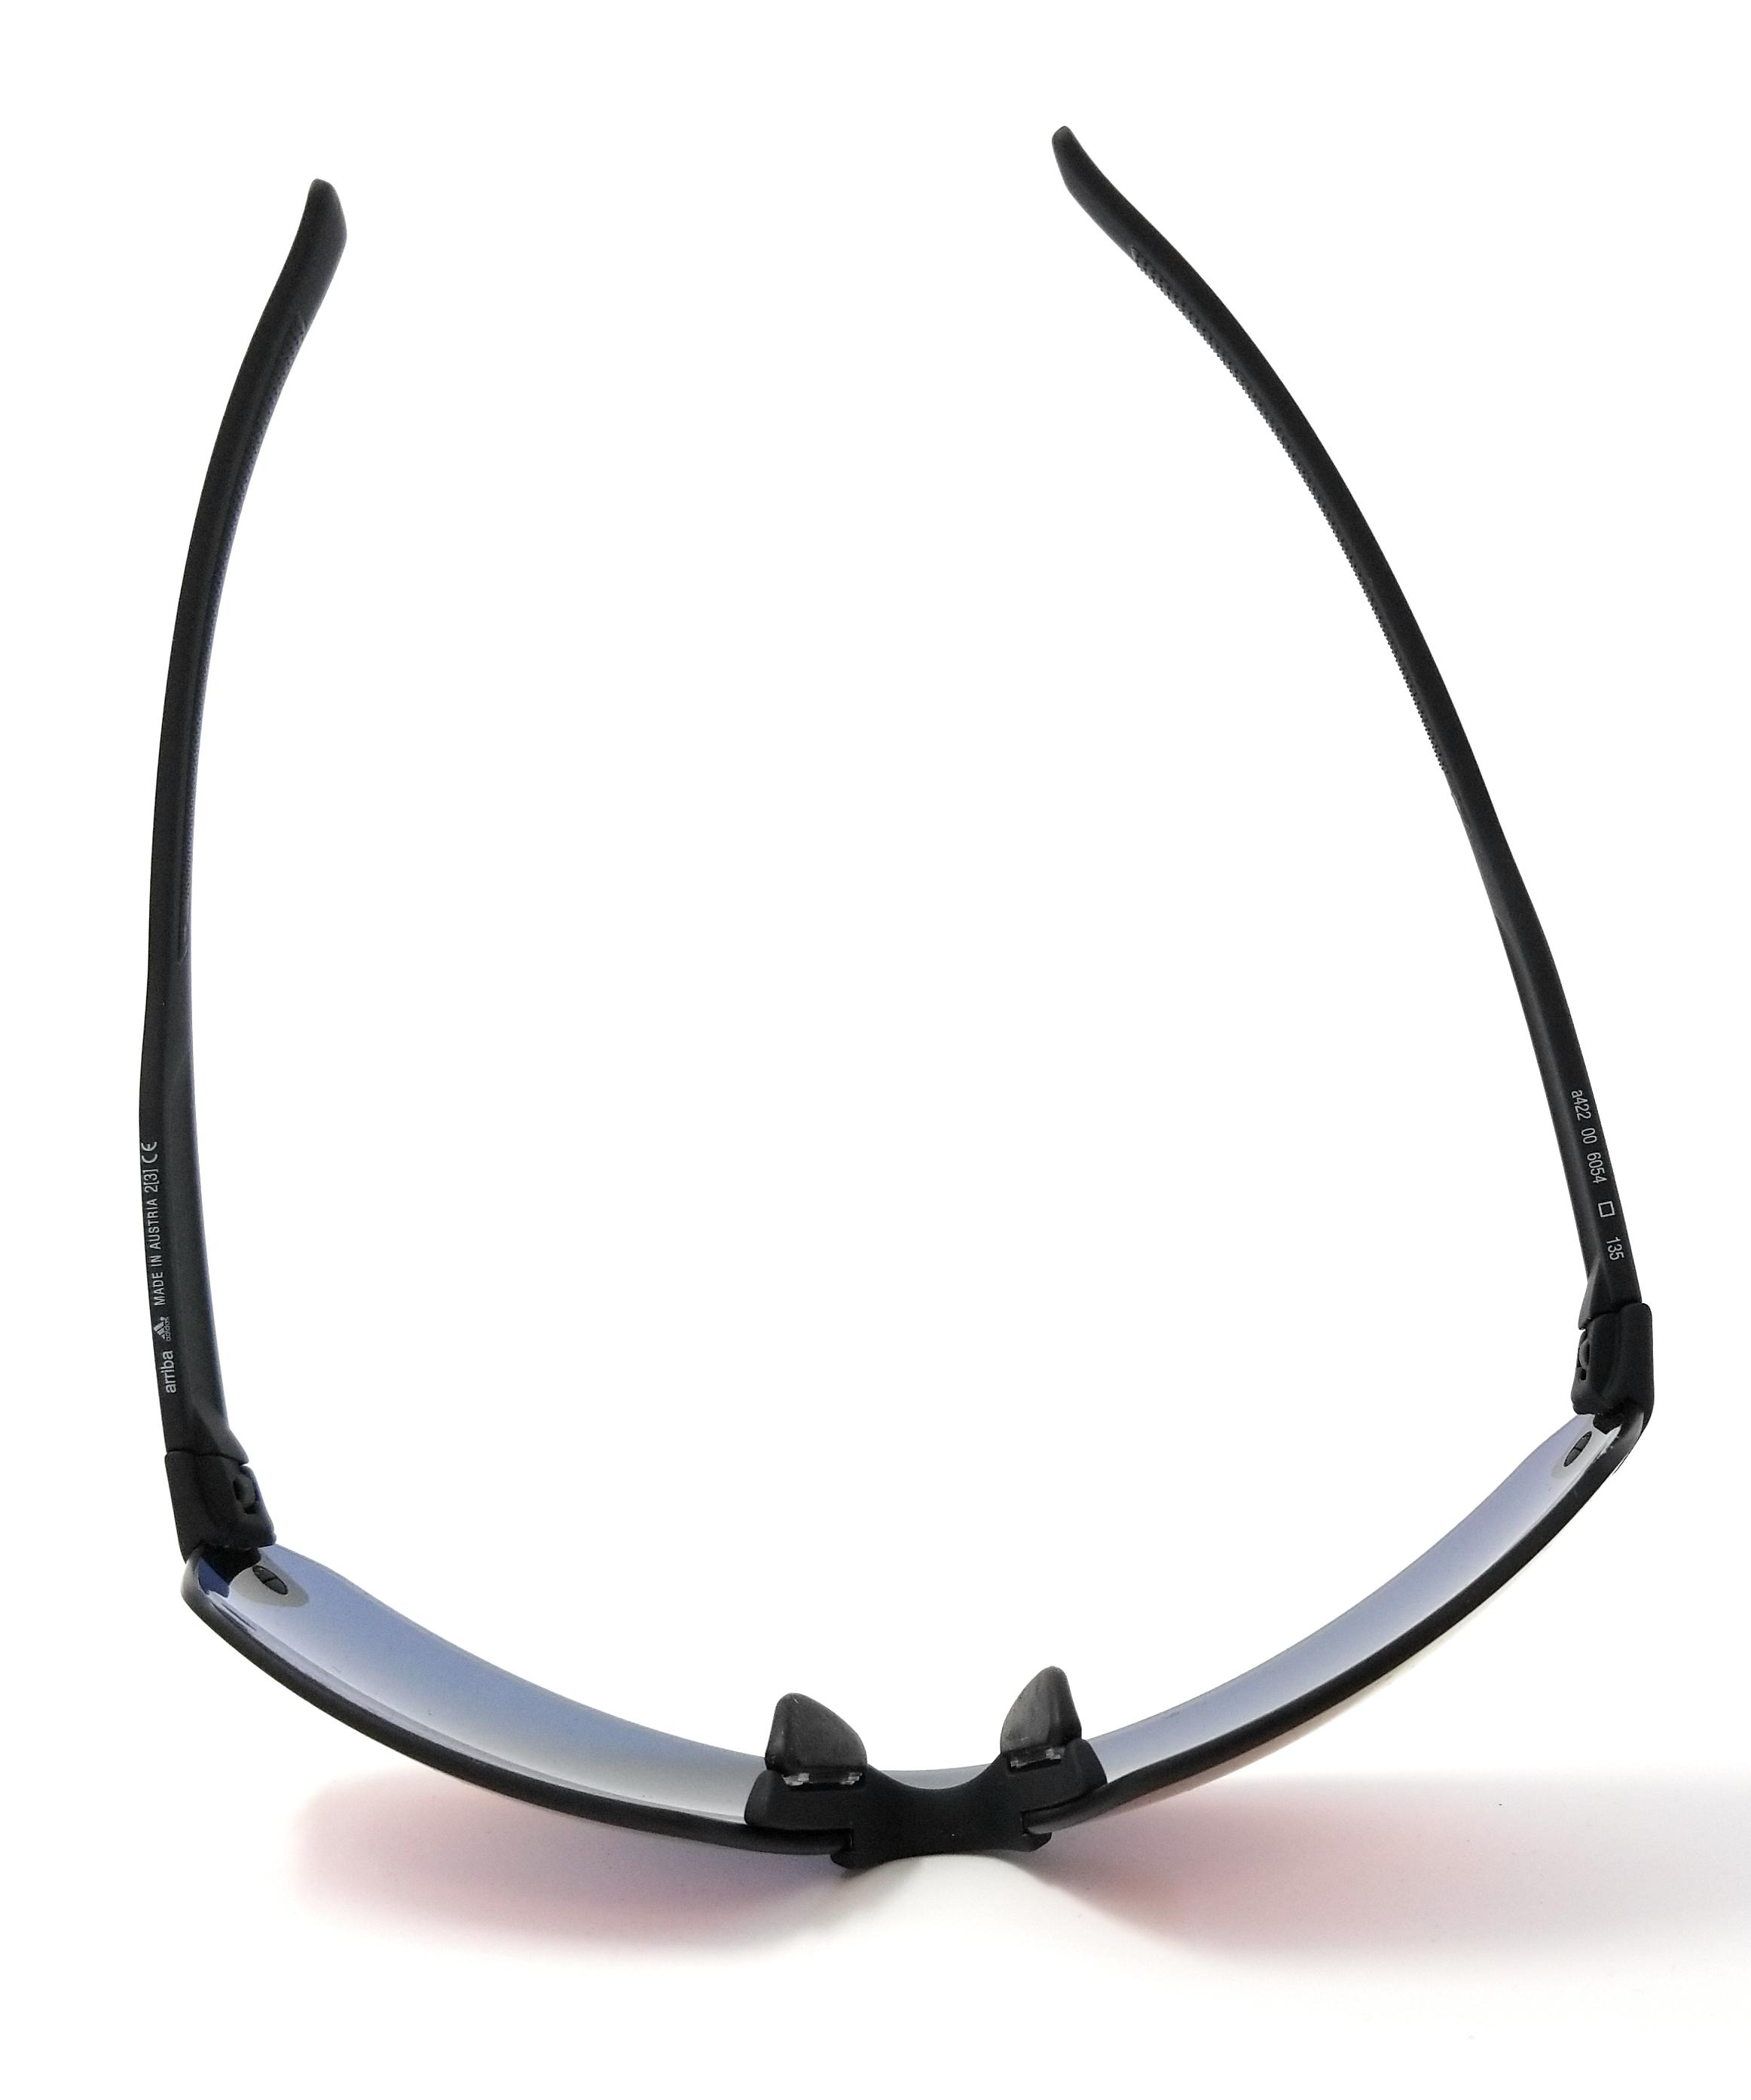 Absorber lantano Crítico  Adidas - Adidas Sunglasses TV Arriba A422 6054 Matte Black / Red Mirror -  Walmart.com - Walmart.com